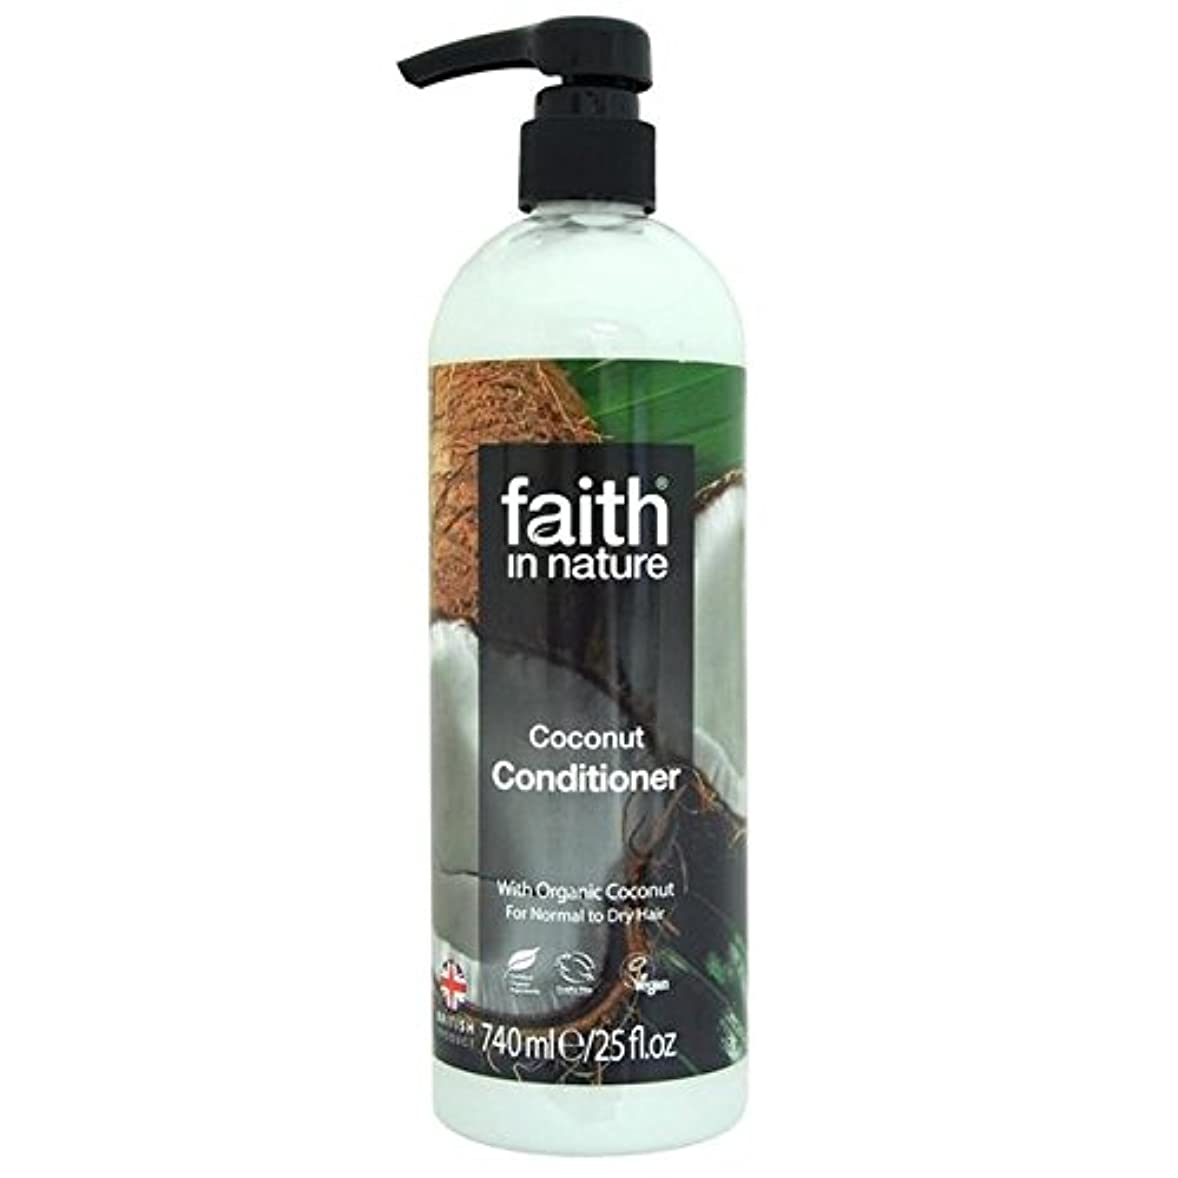 シンポジウム反逆好奇心Faith in Nature Coconut Conditioner 740ml (Pack of 6) - (Faith In Nature) 自然ココナッツコンディショナー740ミリリットルの信仰 (x6) [並行輸入品]